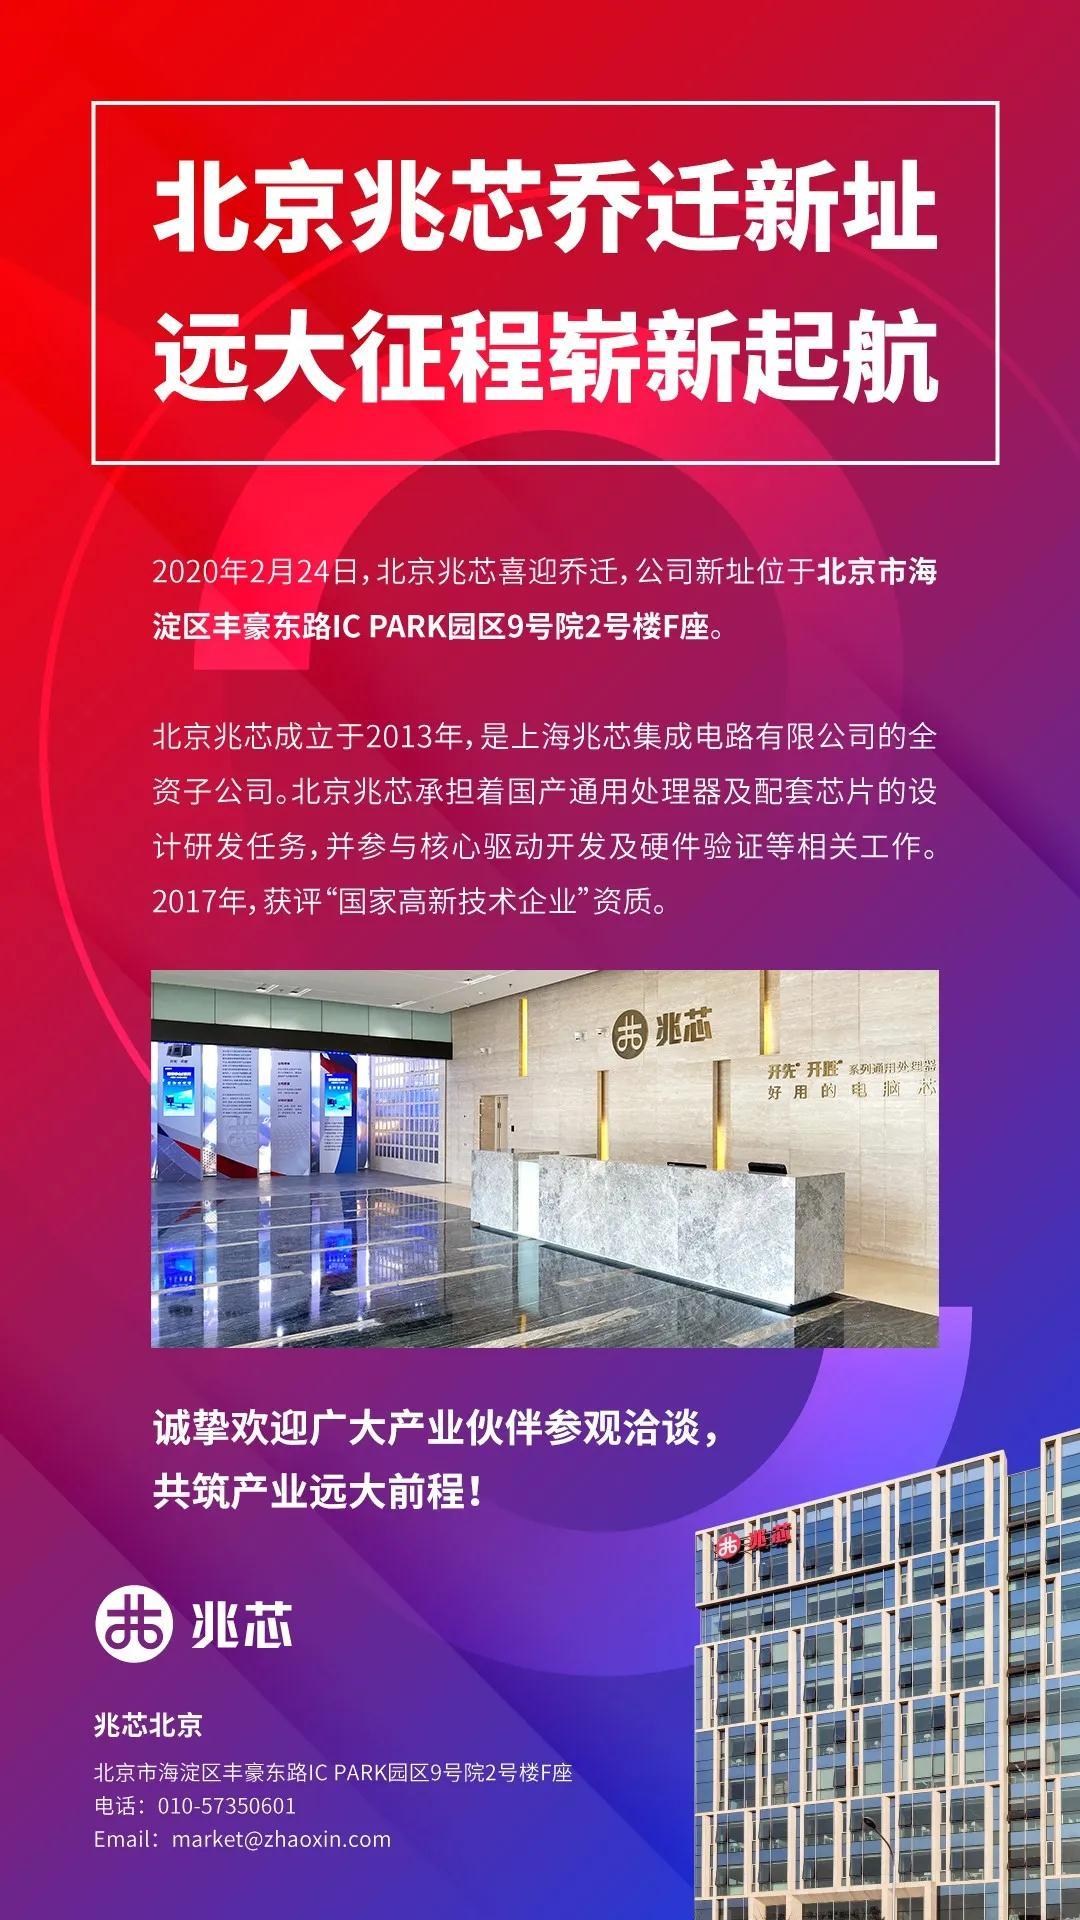 北京兆芯乔迁新址 远大征程崭新起航